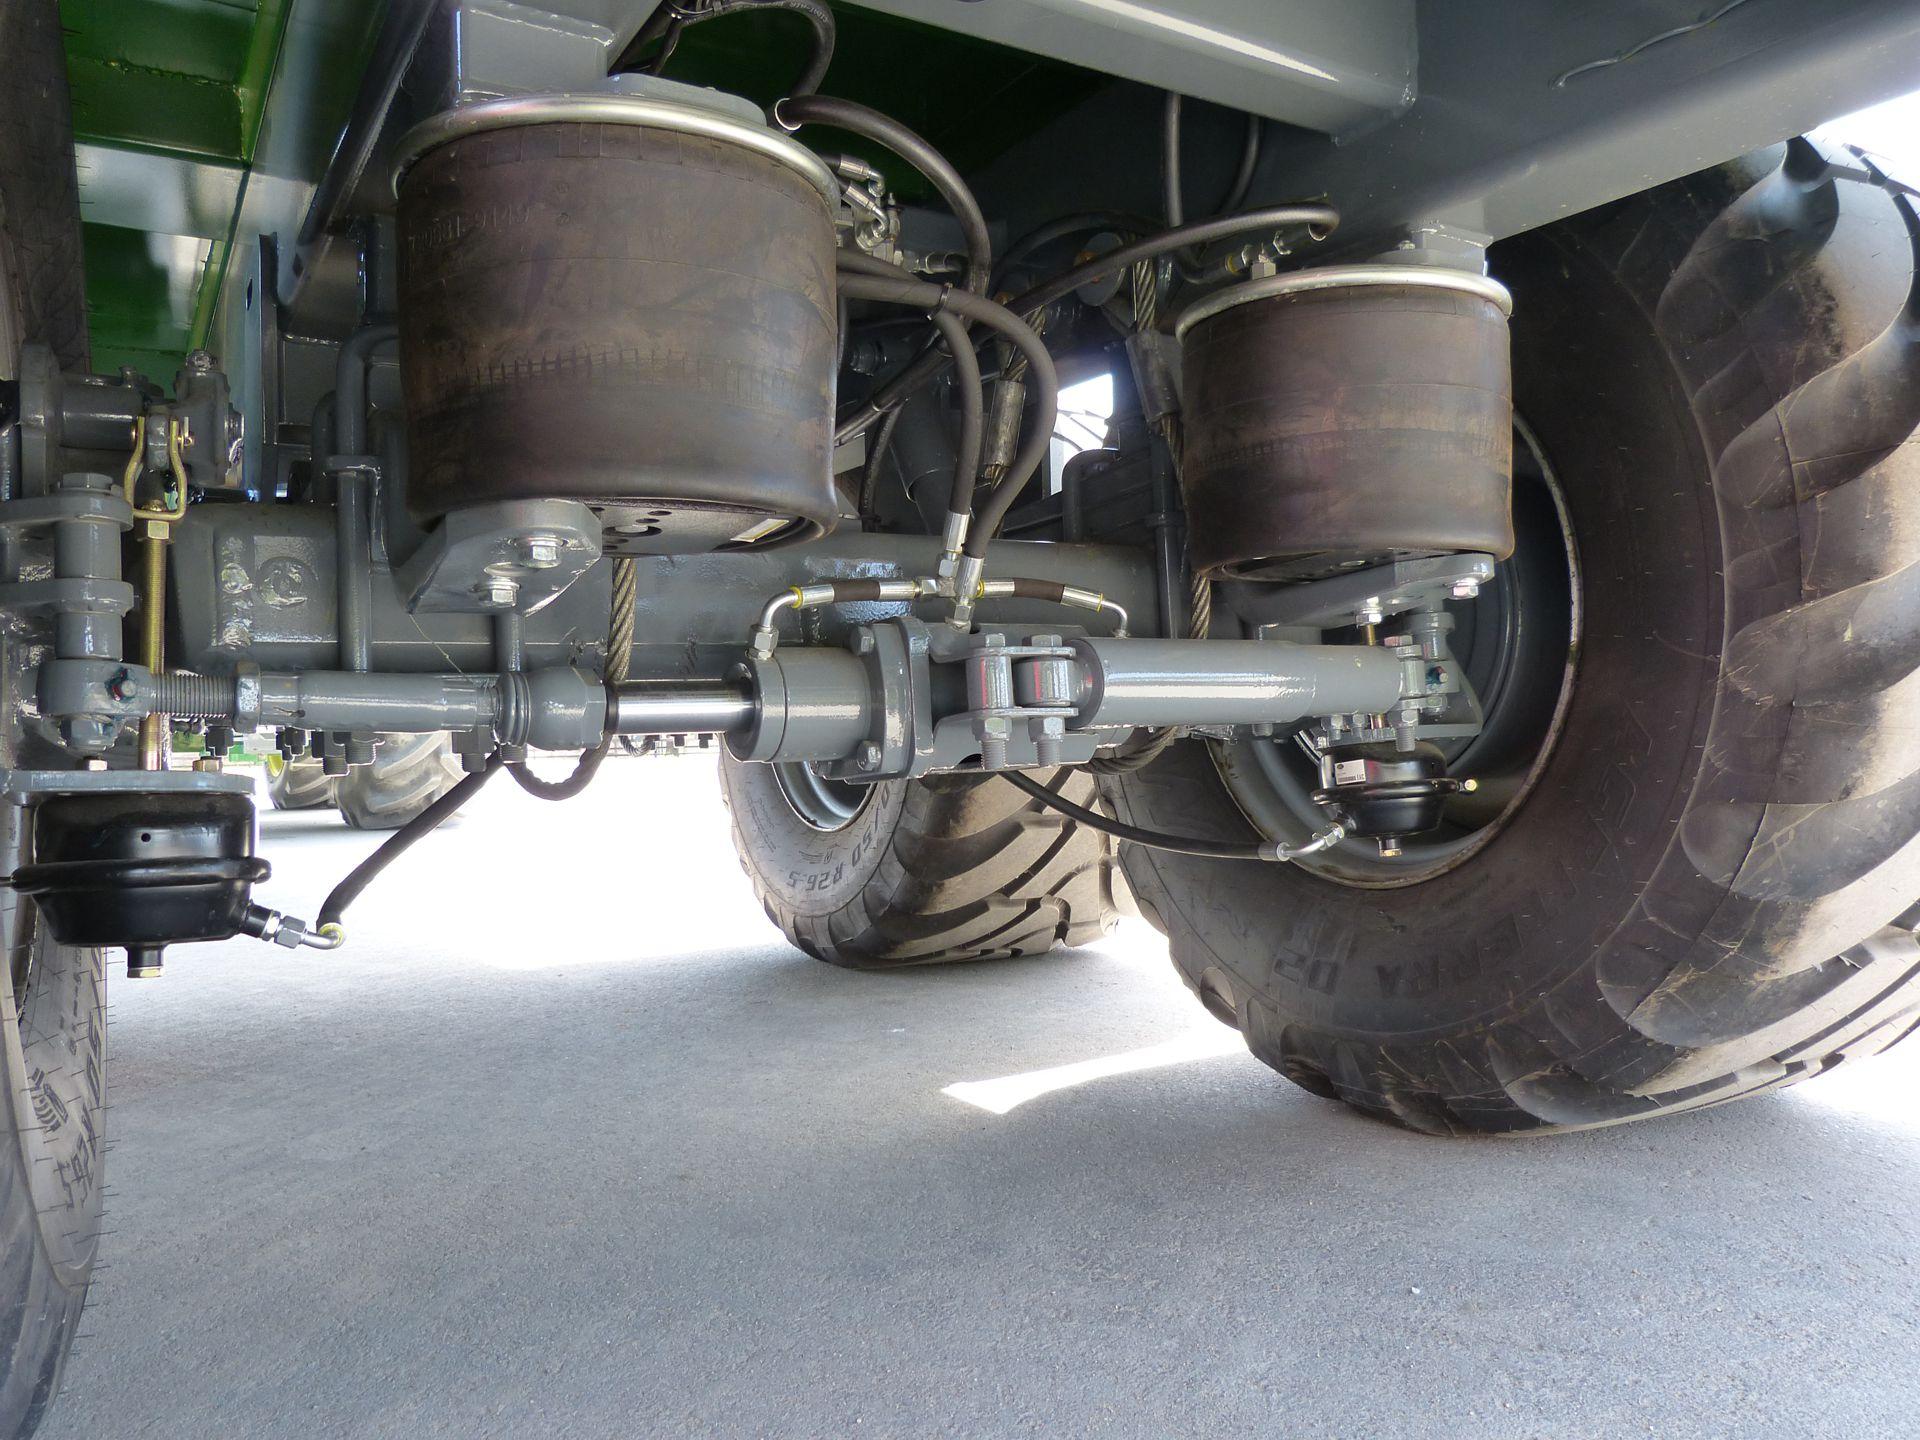 Universali traktorinė puspriekabė PTL-20F with pneumatic chassis, Laumetris